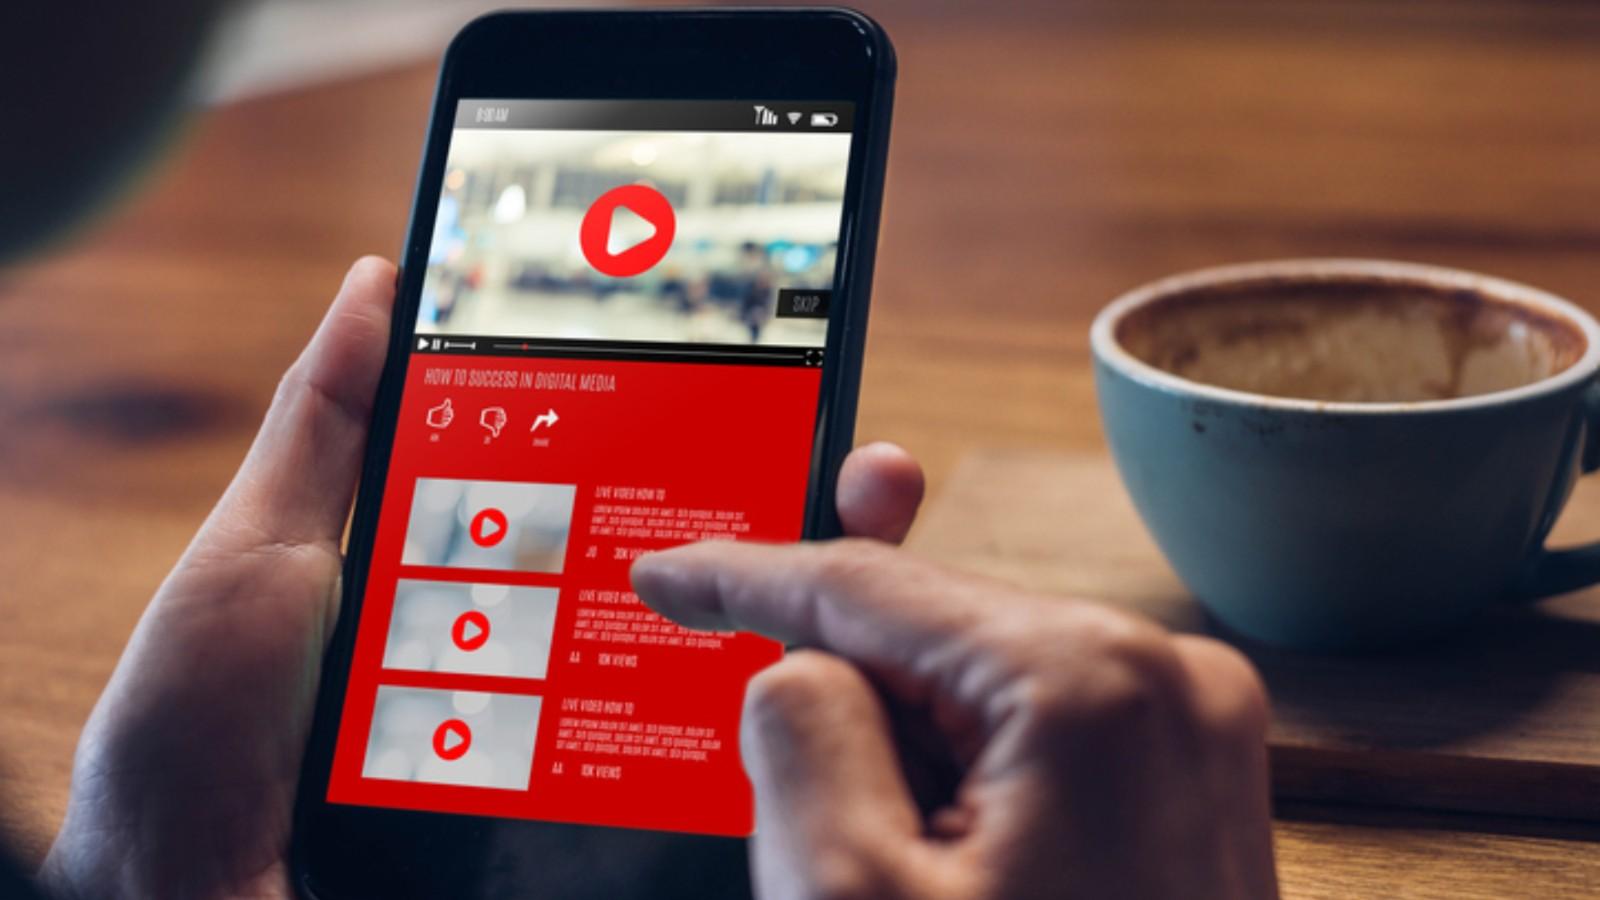 original 40e7bd9e427afd5a71c2a80d6df86594 - Video marketing digital: confira 4 fatores que comprovam o seu sucesso